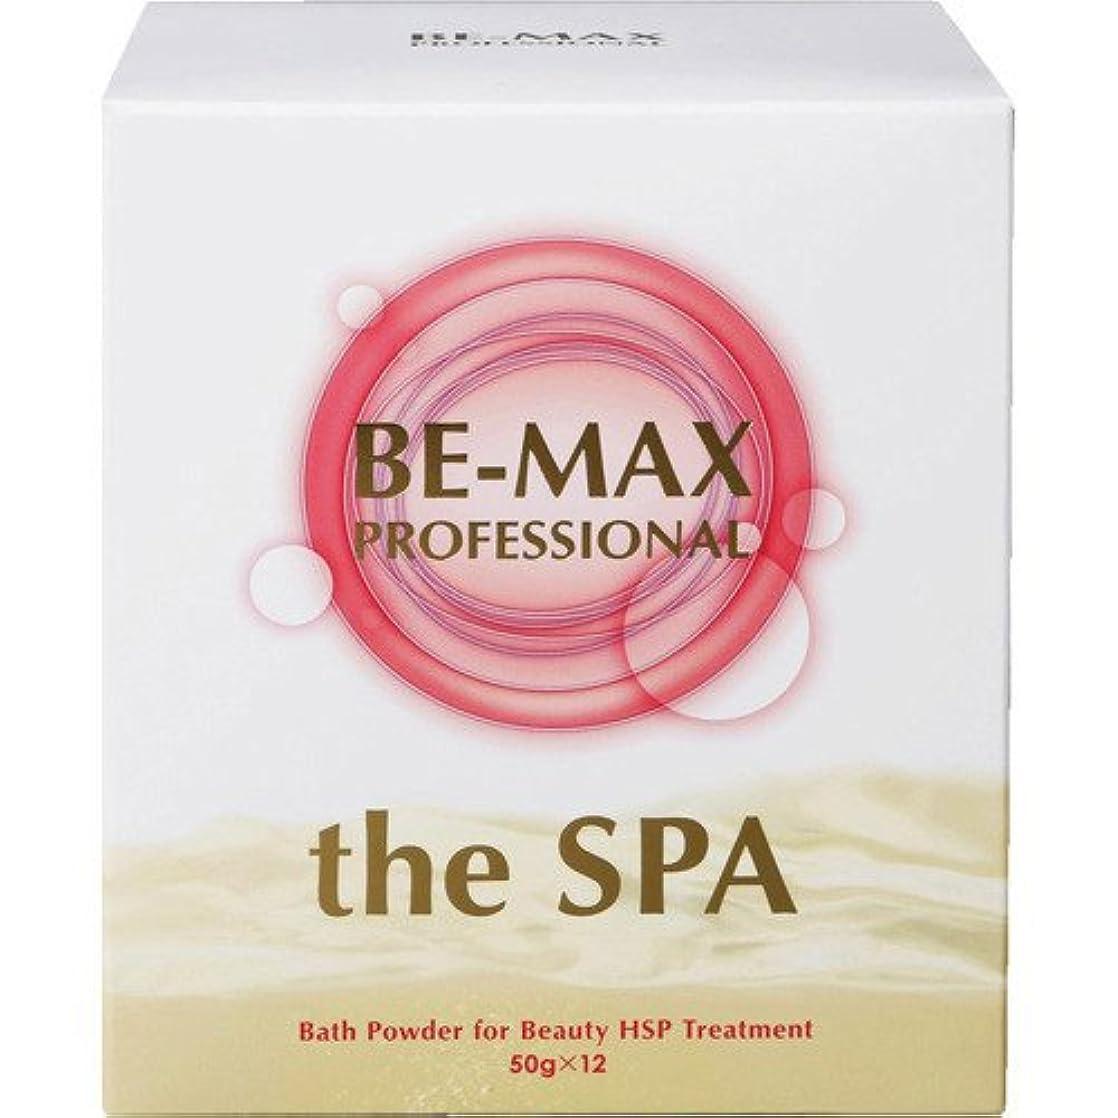 わかるプレゼンターネックレスBE-MAX PROFESSIONAL the SPA(ザ?スパ) ビーマックスプロフェッショナル ザ?スパ バスパウダー 50gx12包 (4571132621587)